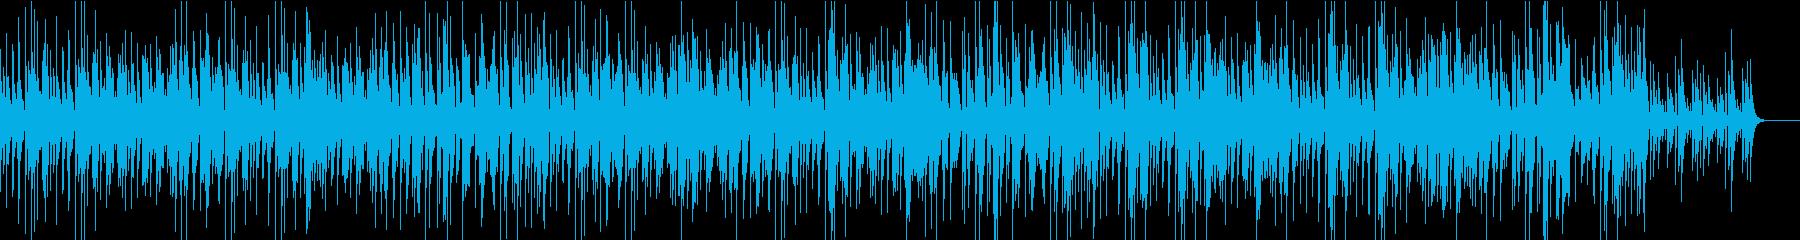 穏やかで滑らかなジャズの再生済みの波形